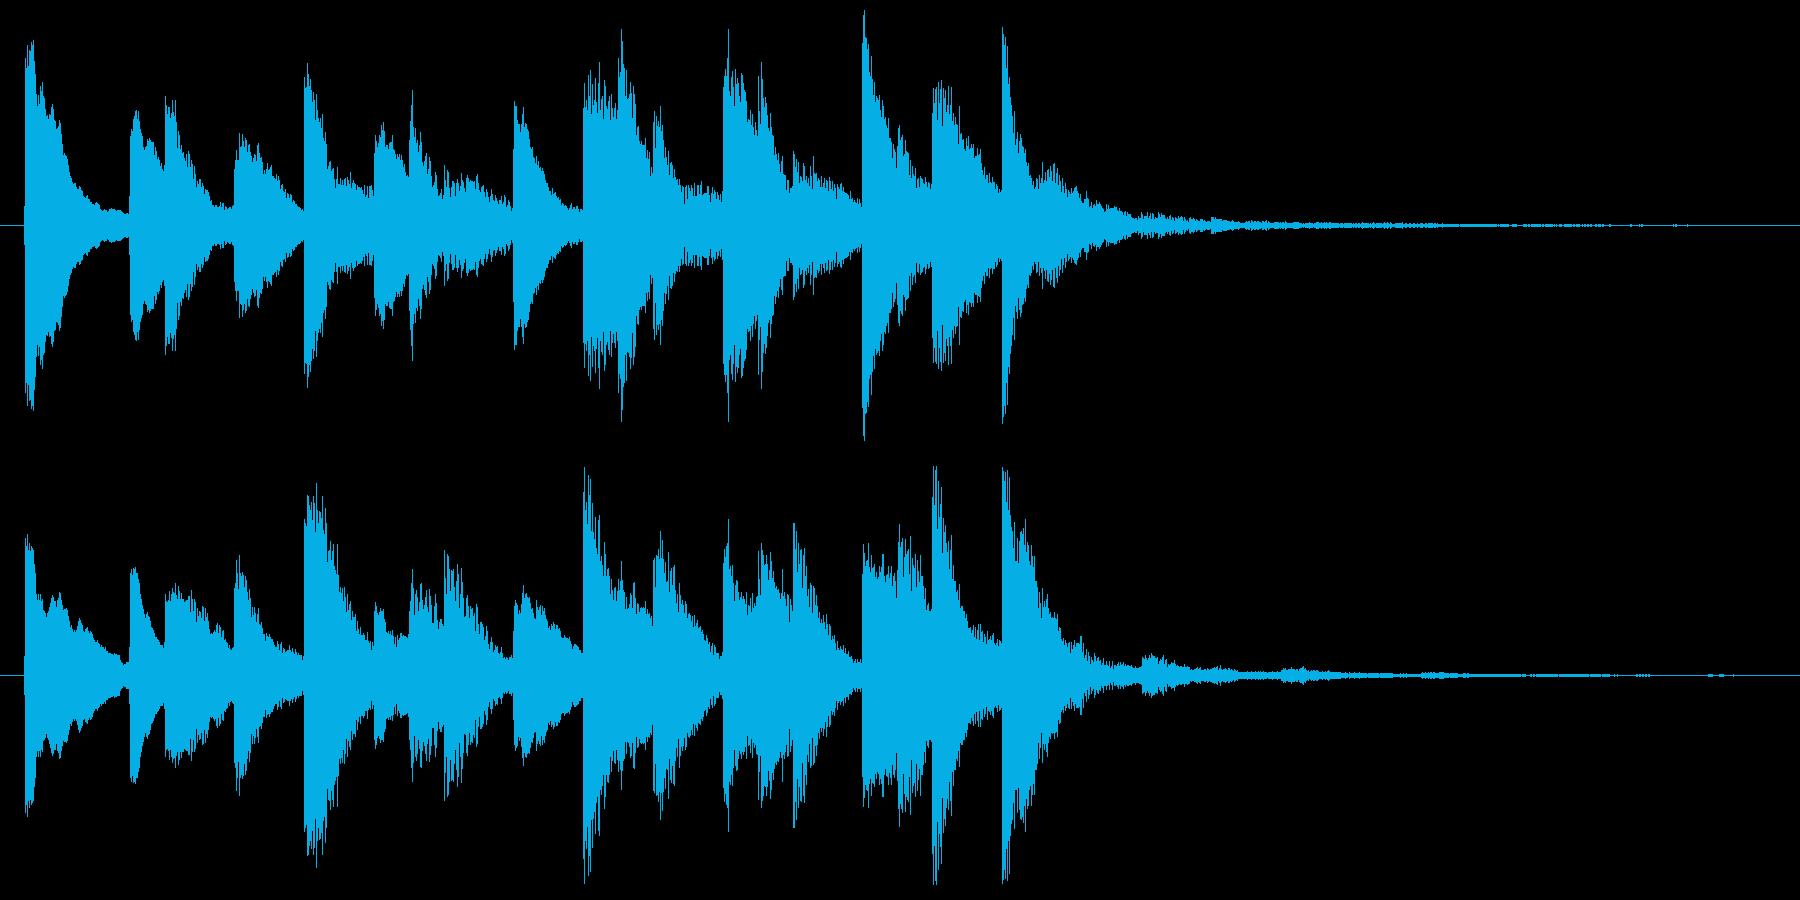 かわいくポップなベル音のワンフレーズの再生済みの波形